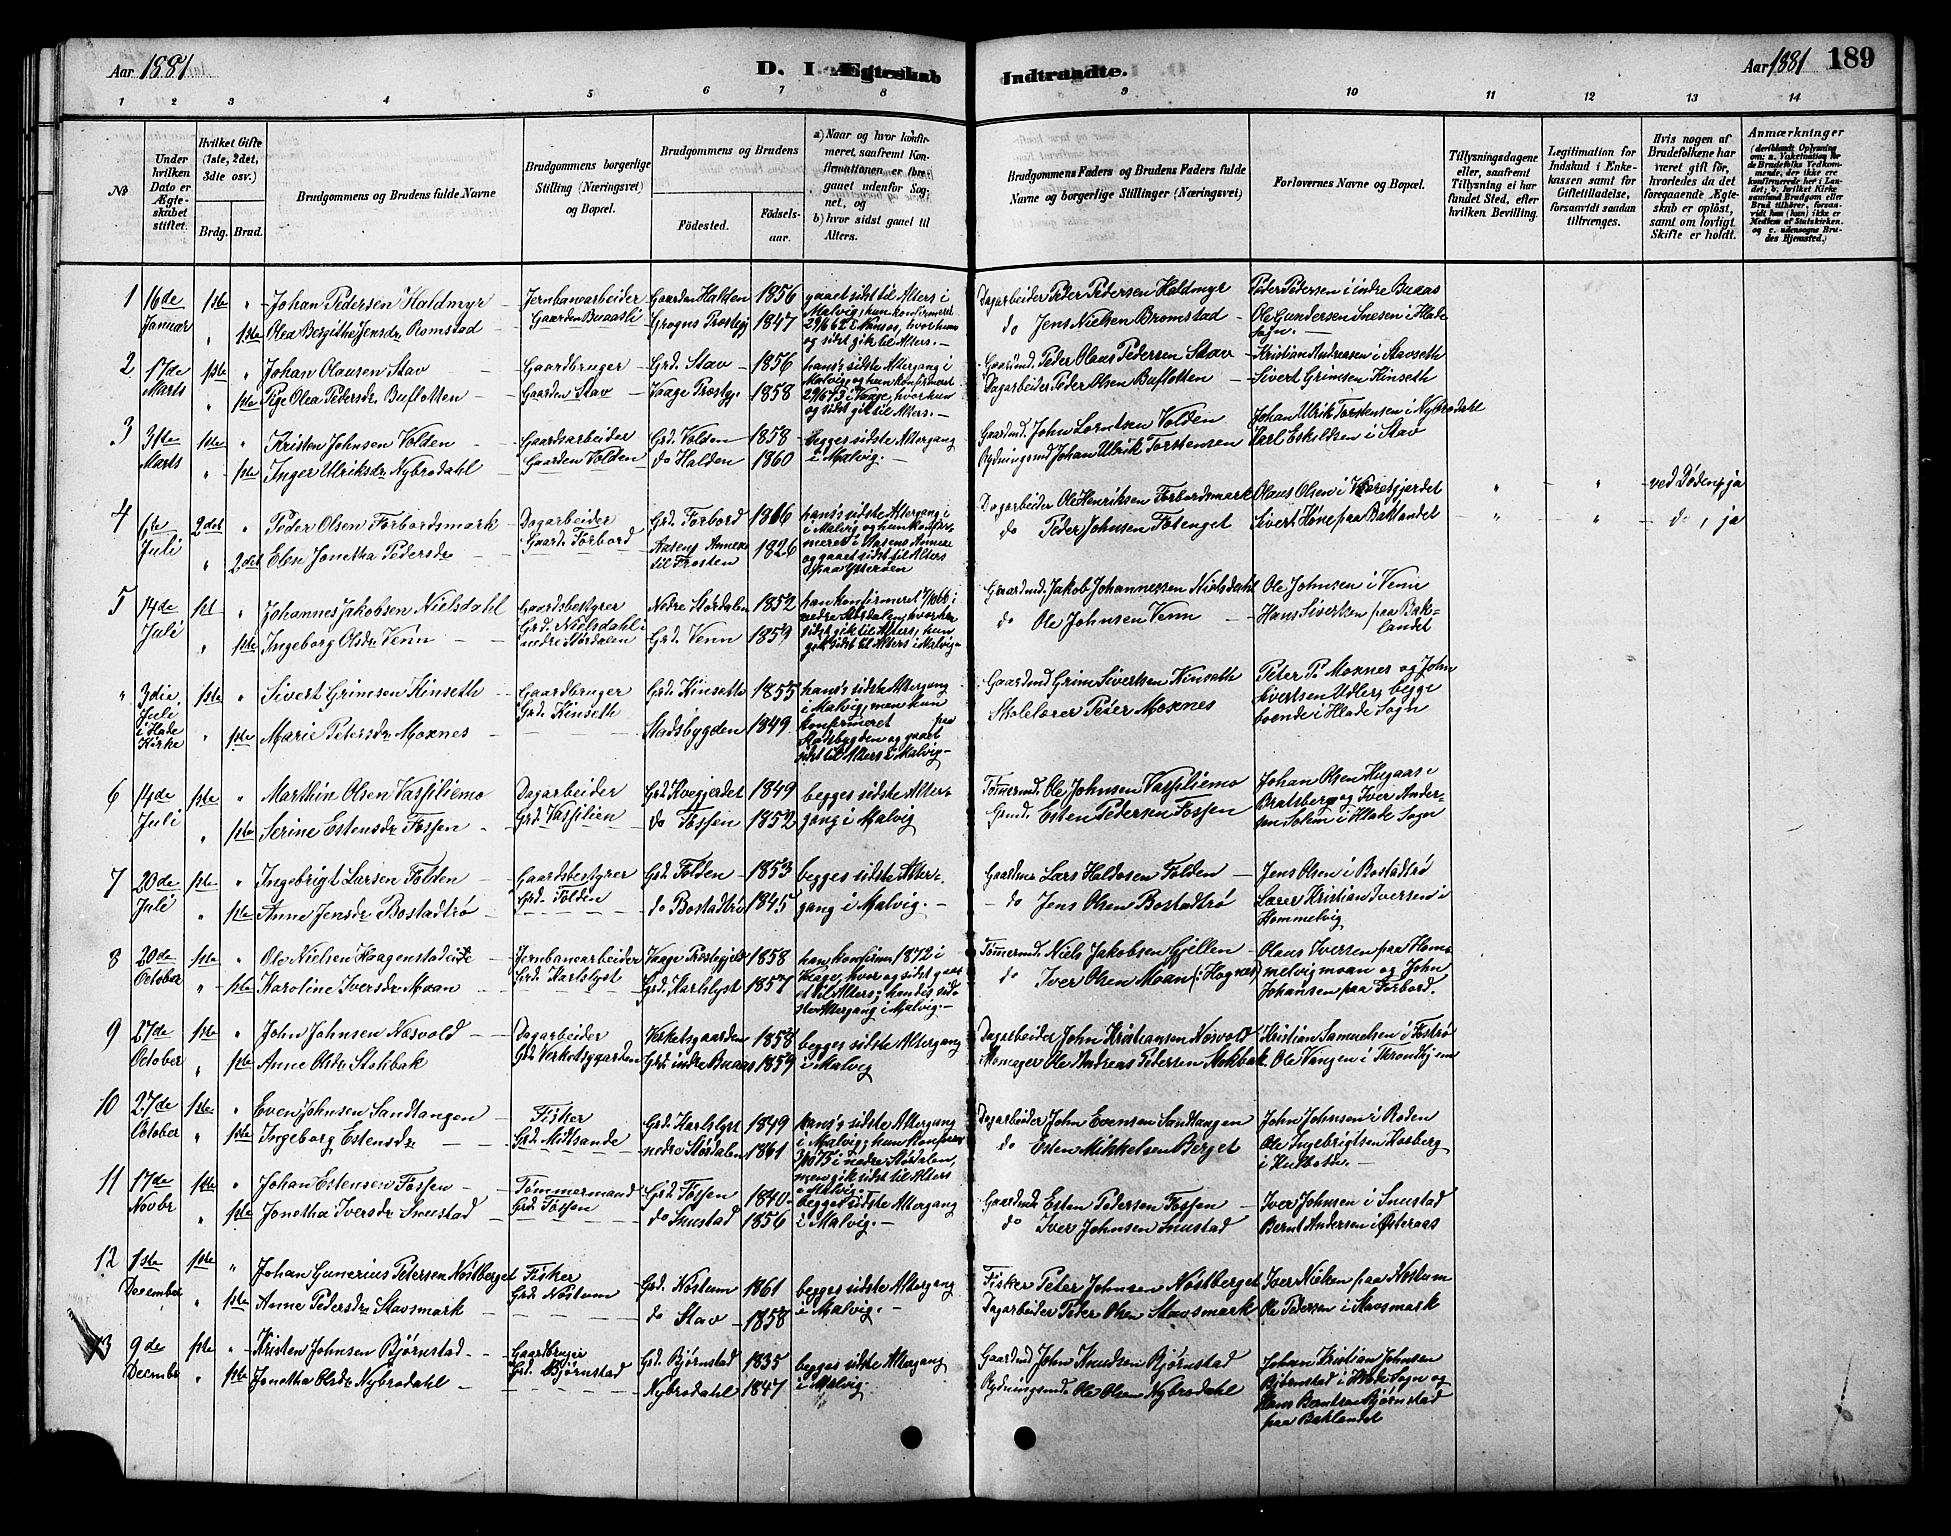 SAT, Ministerialprotokoller, klokkerbøker og fødselsregistre - Sør-Trøndelag, 616/L0423: Klokkerbok nr. 616C06, 1878-1903, s. 189